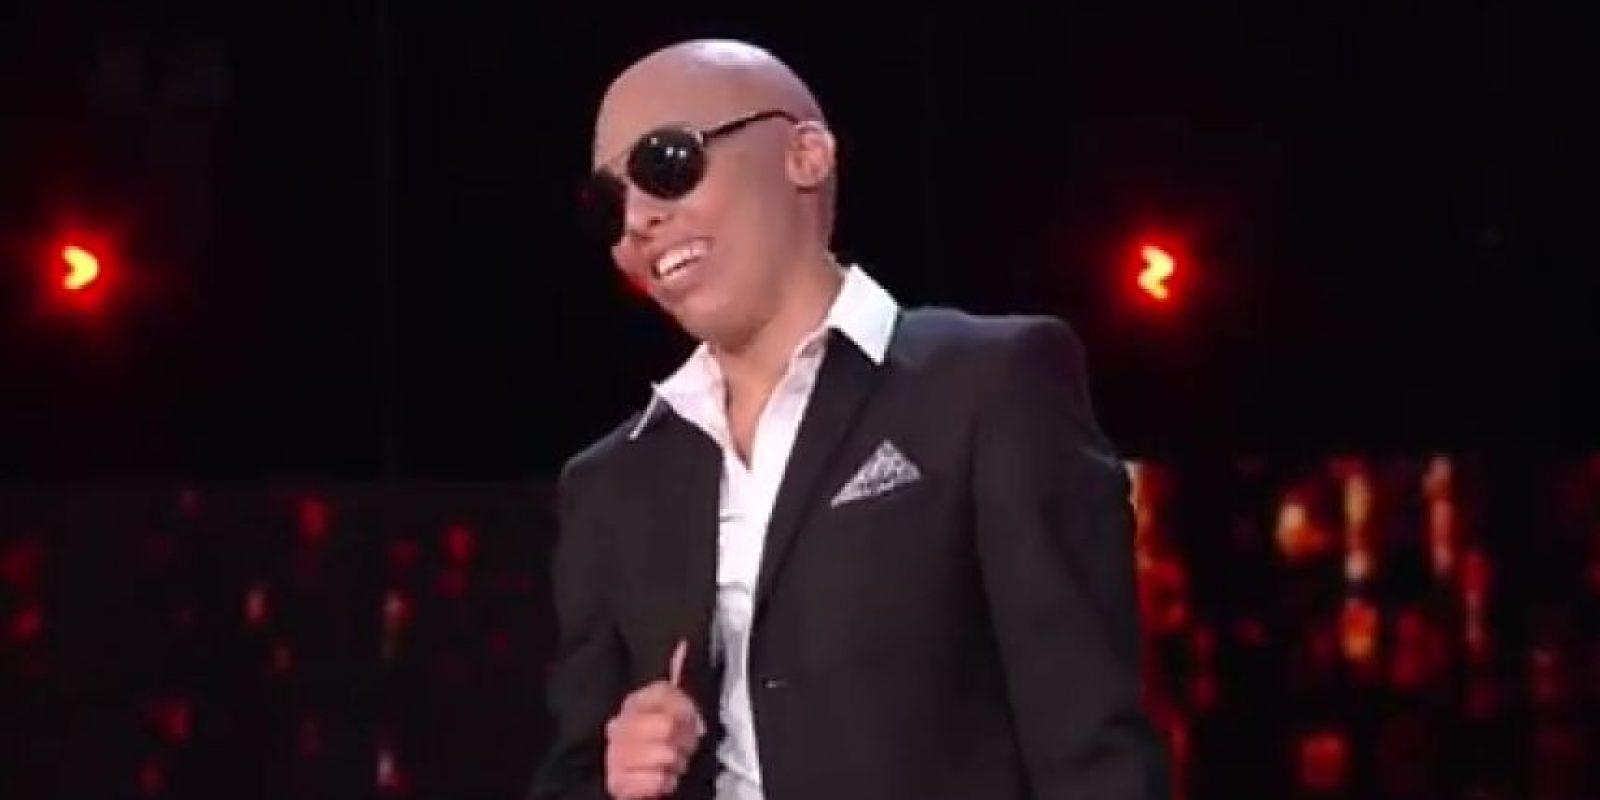 Zoila Ceballos imitó a Pitbull. Foto:captura de pantalla. Imagen Por: